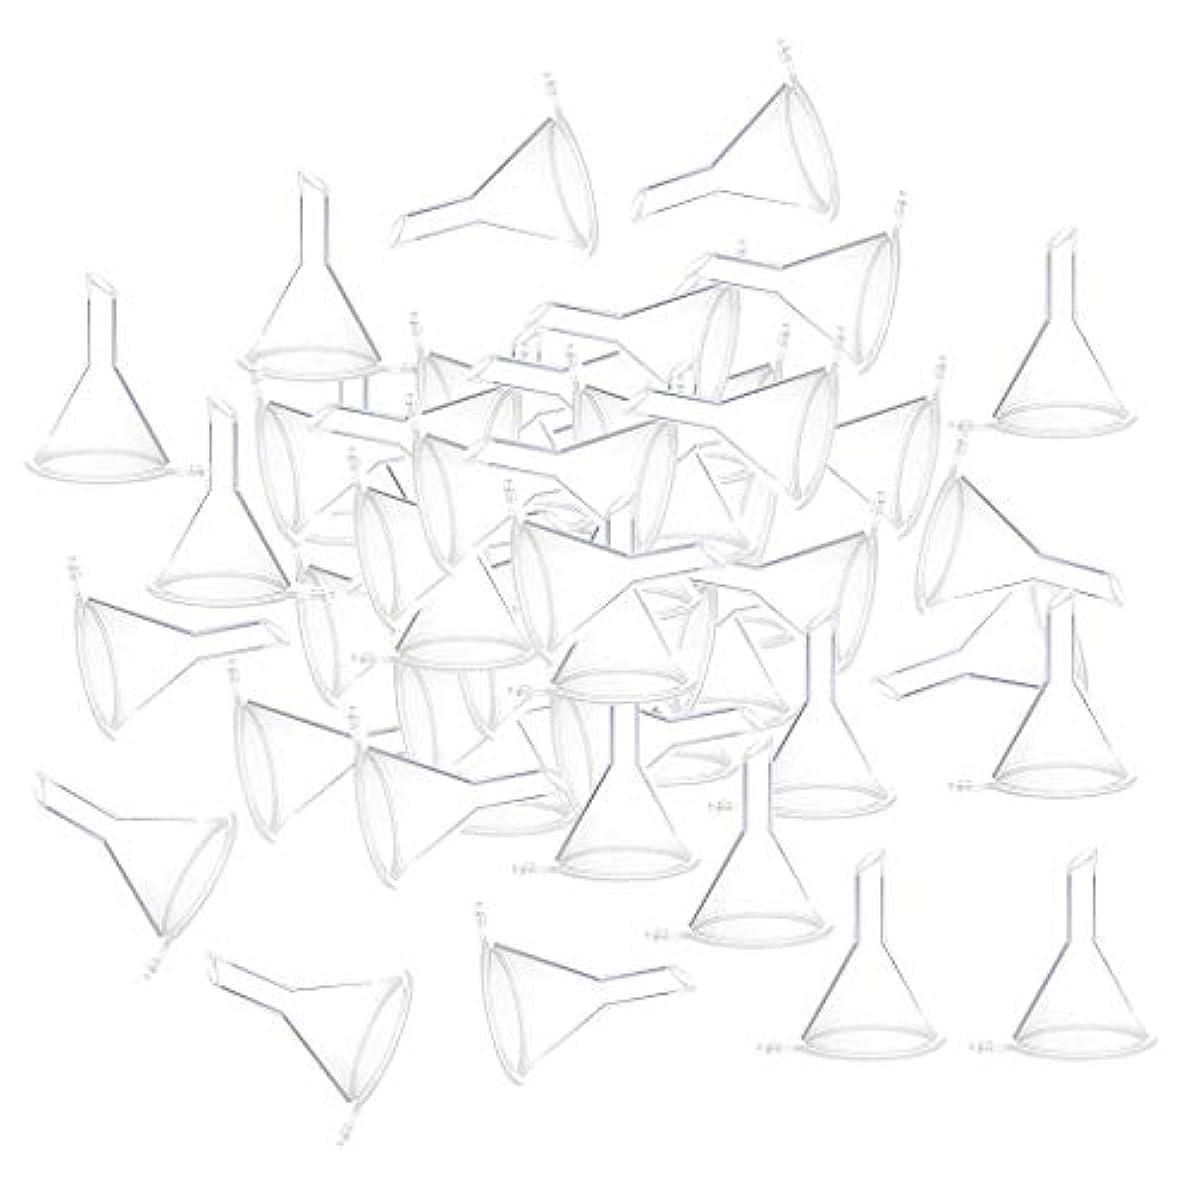 文言数学的な従者小分けツール ミニ ファンネル エッセンシャルオイル 液体 香水用 全100個 3カラー - クリア